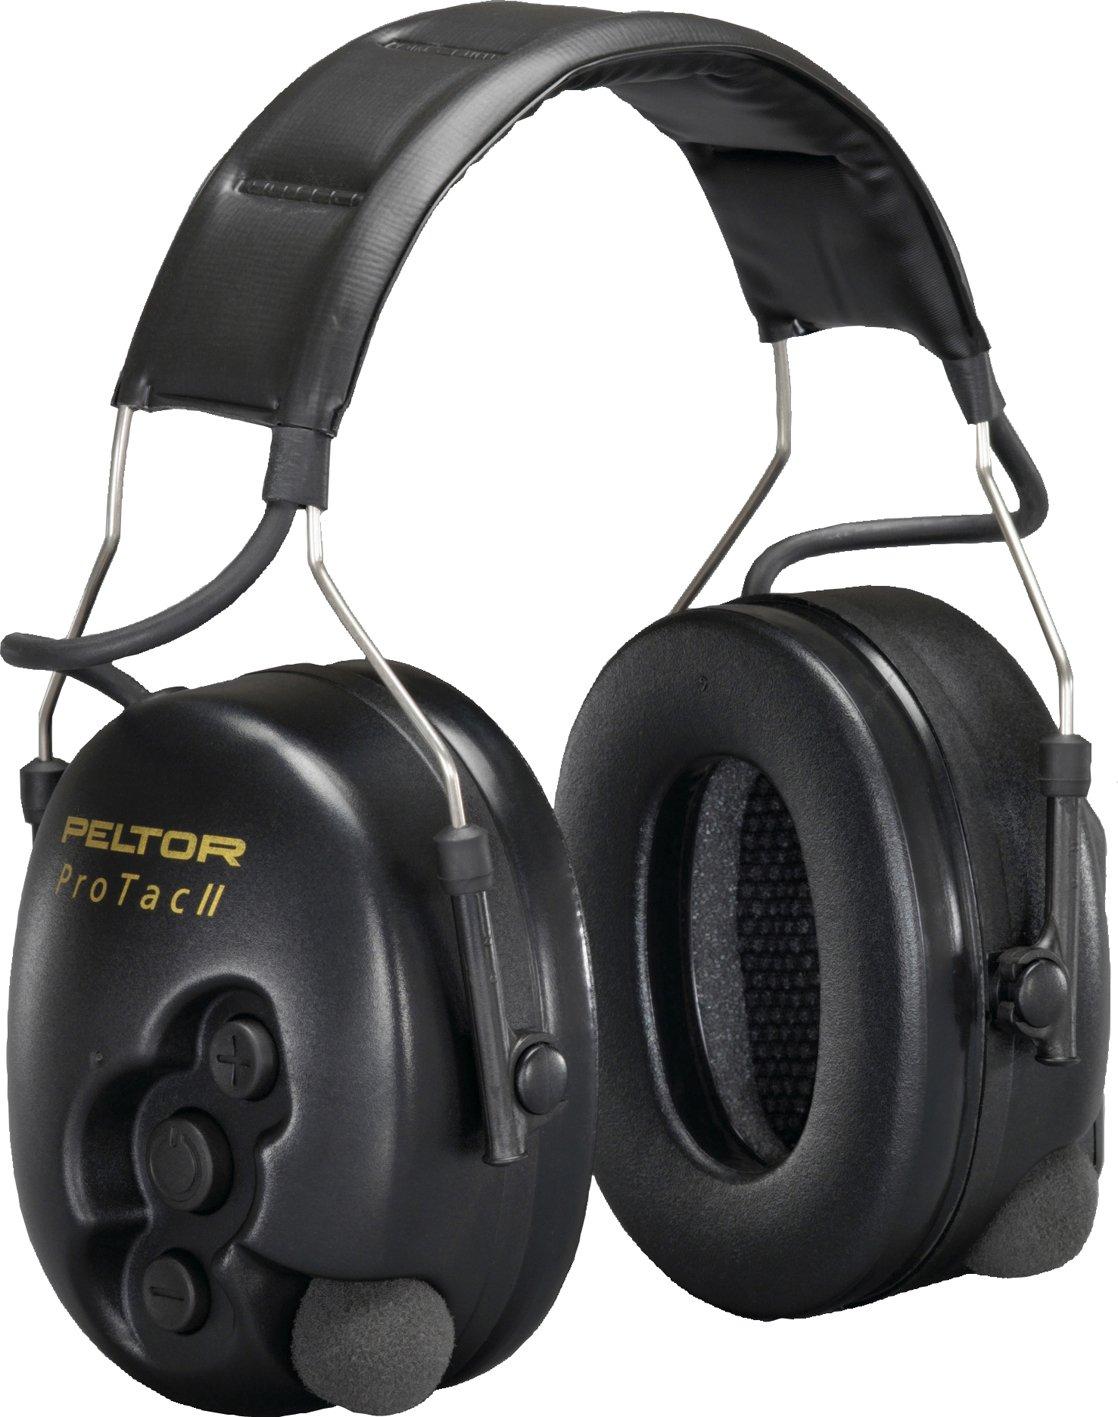 3M ImpulsKapselgehörschutz PTA, Kopfbügel, verstärkt Umgebungsgeräusche, SNR 32 dB, 1 Stück, schwarz, PTAC2S  BaumarktKundenbewertung und Beschreibung